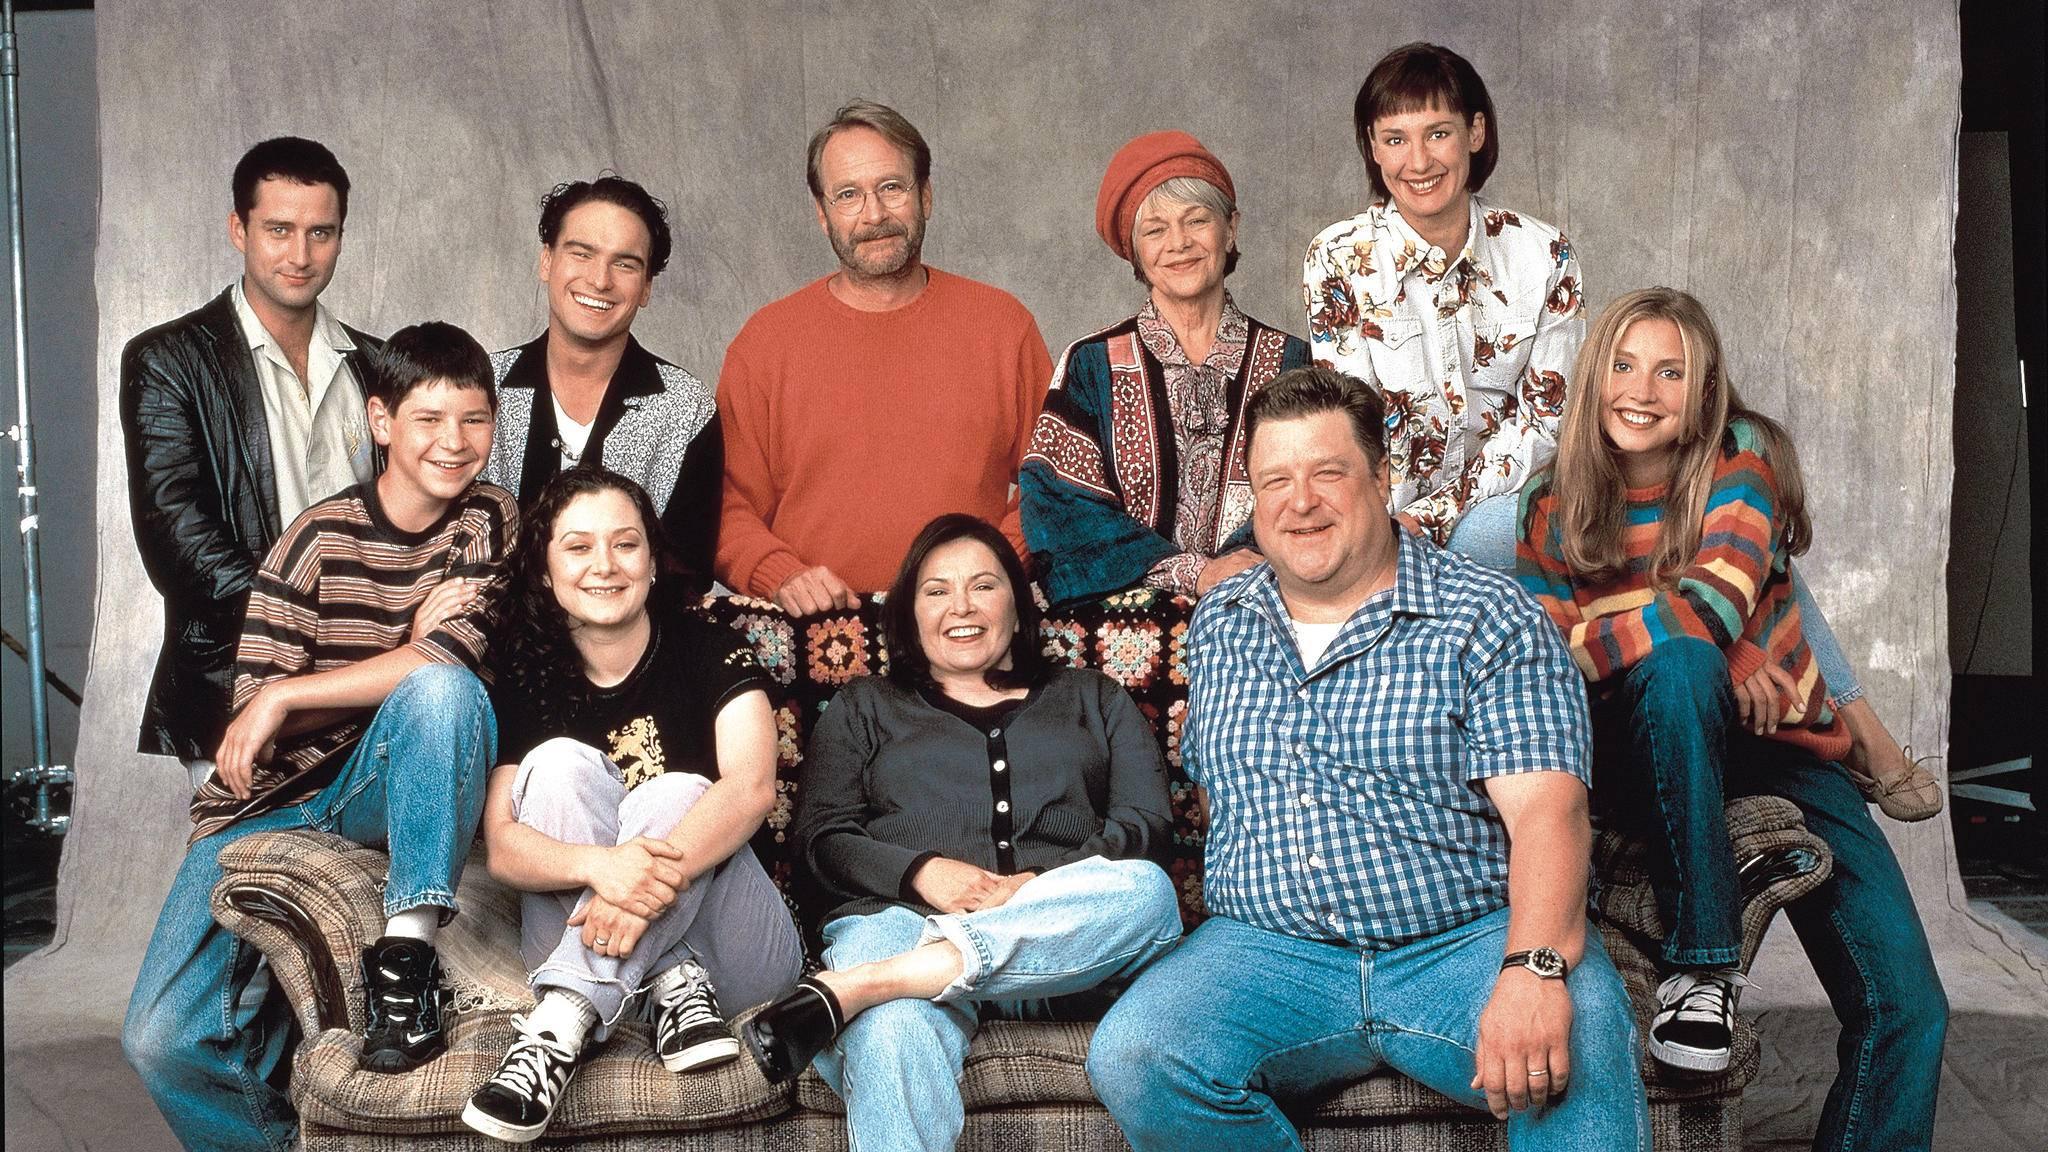 """Bald auch im deutschen Free-TV zu sehen: die neuen """"Roseanne""""-Folgen!"""